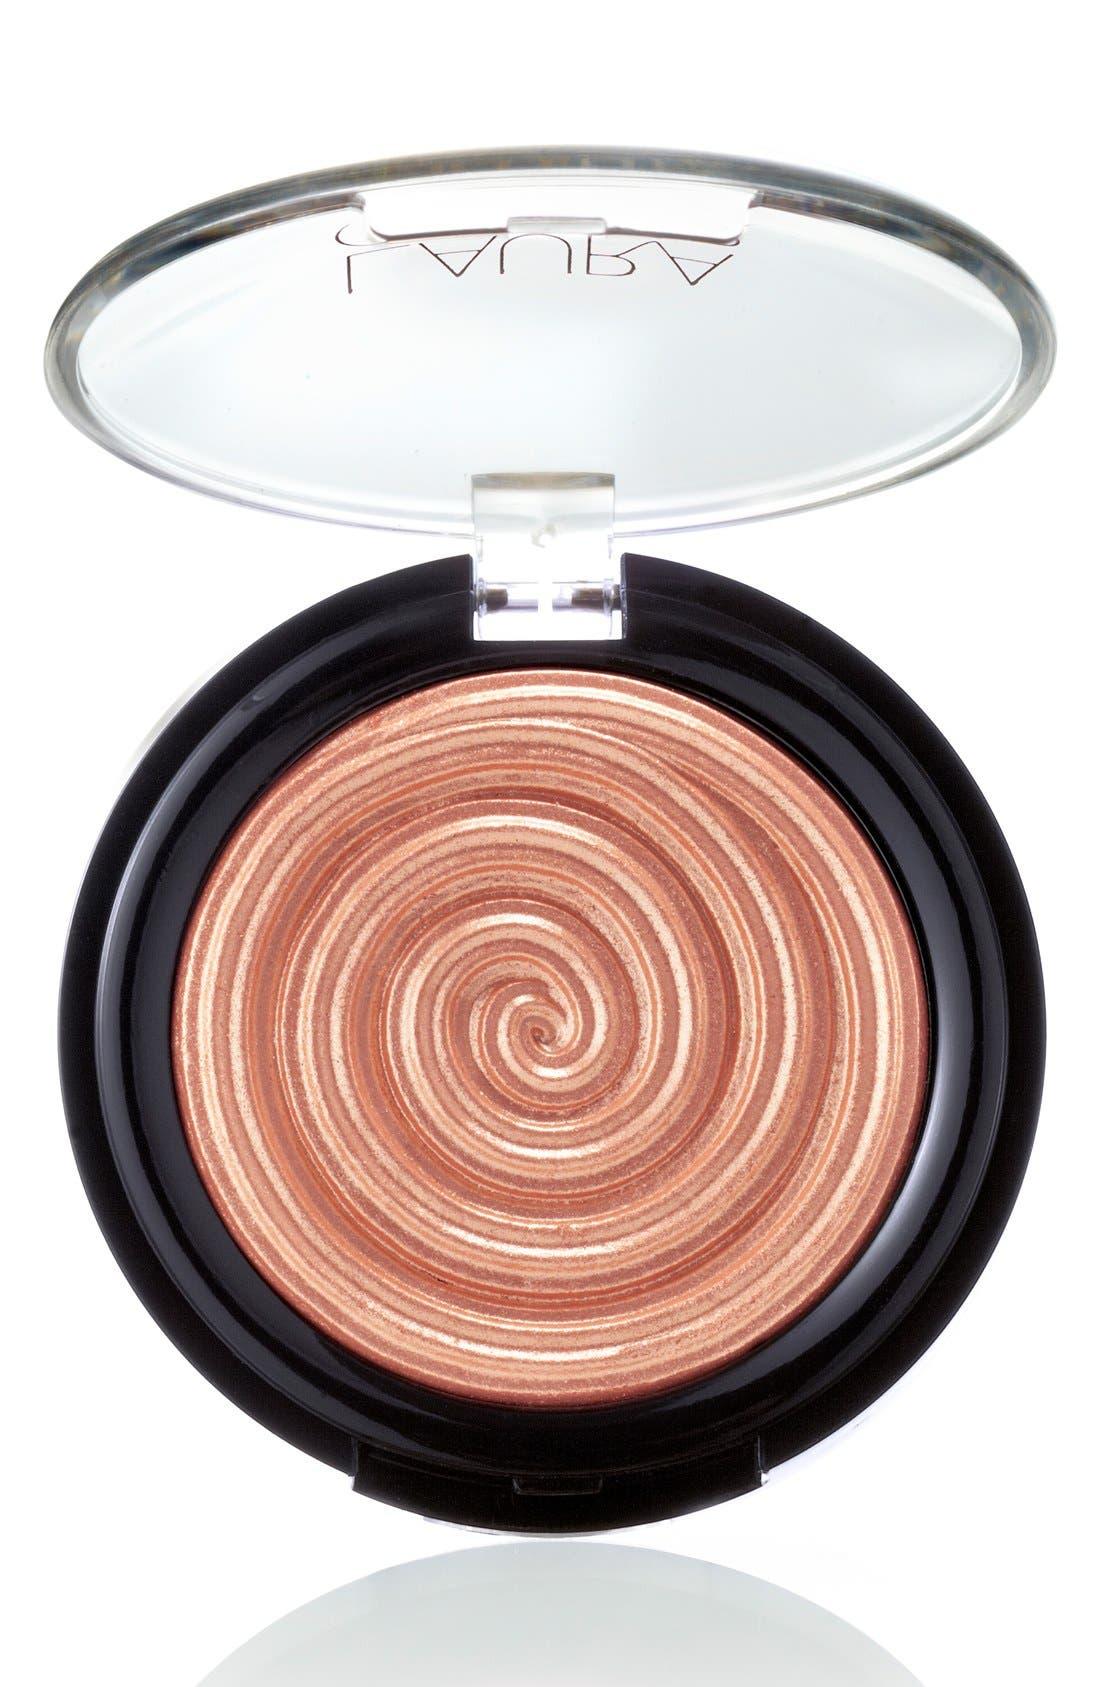 Laura Geller Beauty 'Baked Gelato' Swirl Illuminator